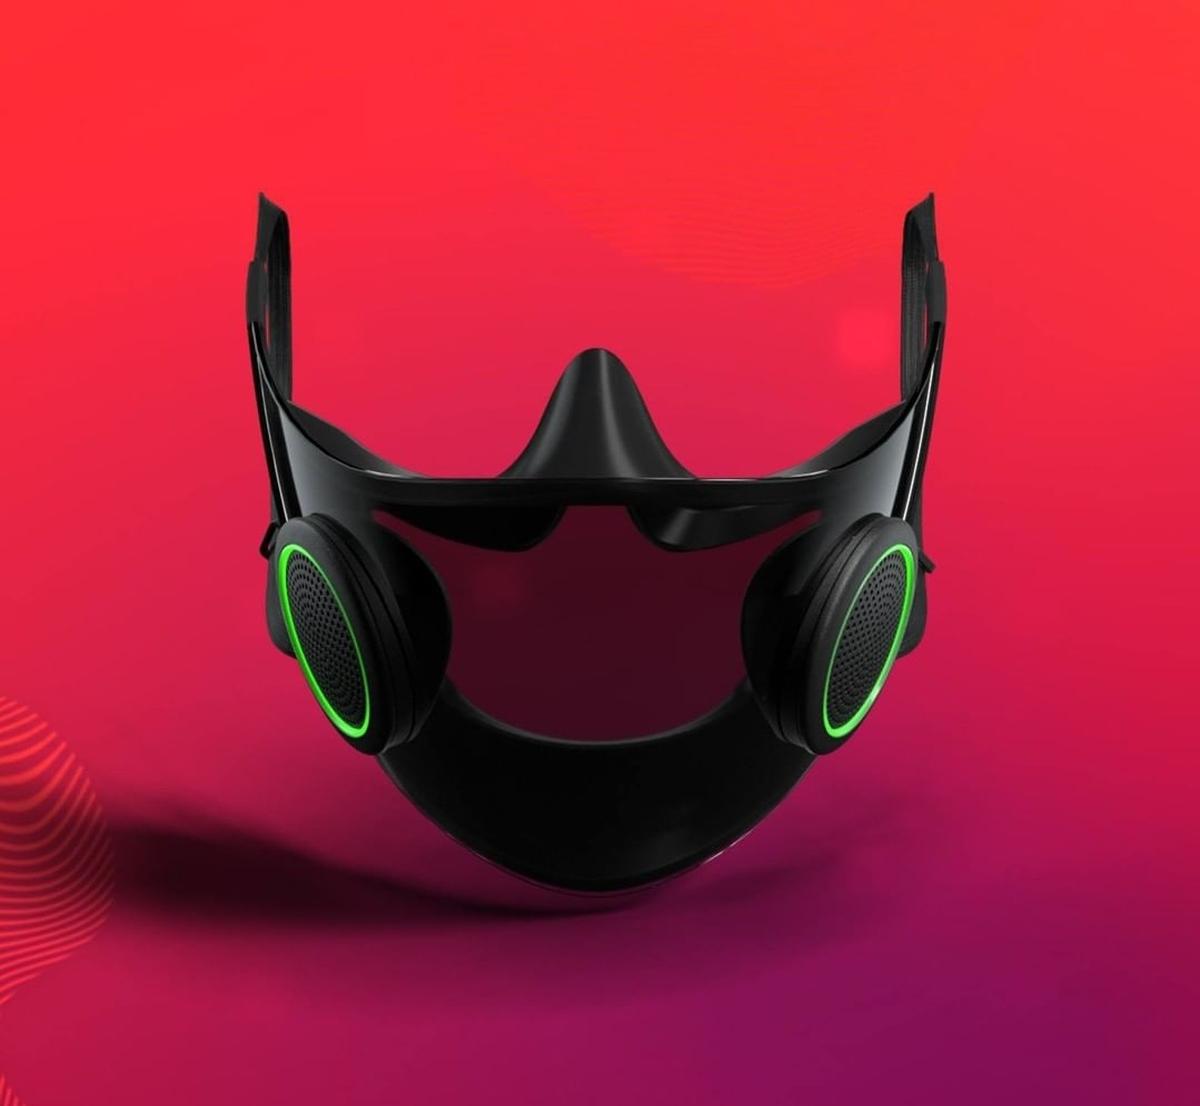 از قدرتمندترین ماسک هوشمند جهان رونمایی شد+تصاویر